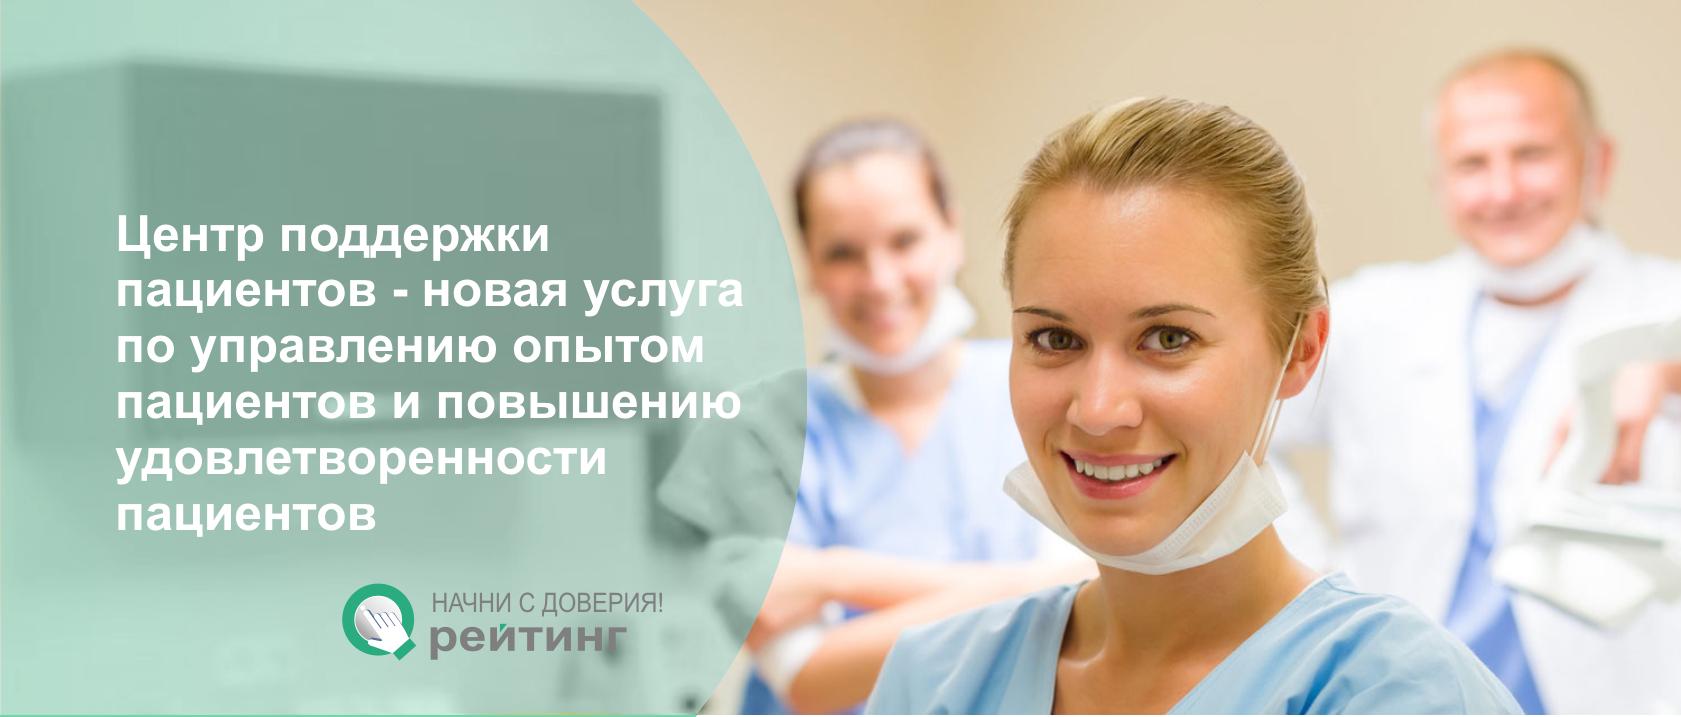 Q-Rating _Центр поддержки пациентов